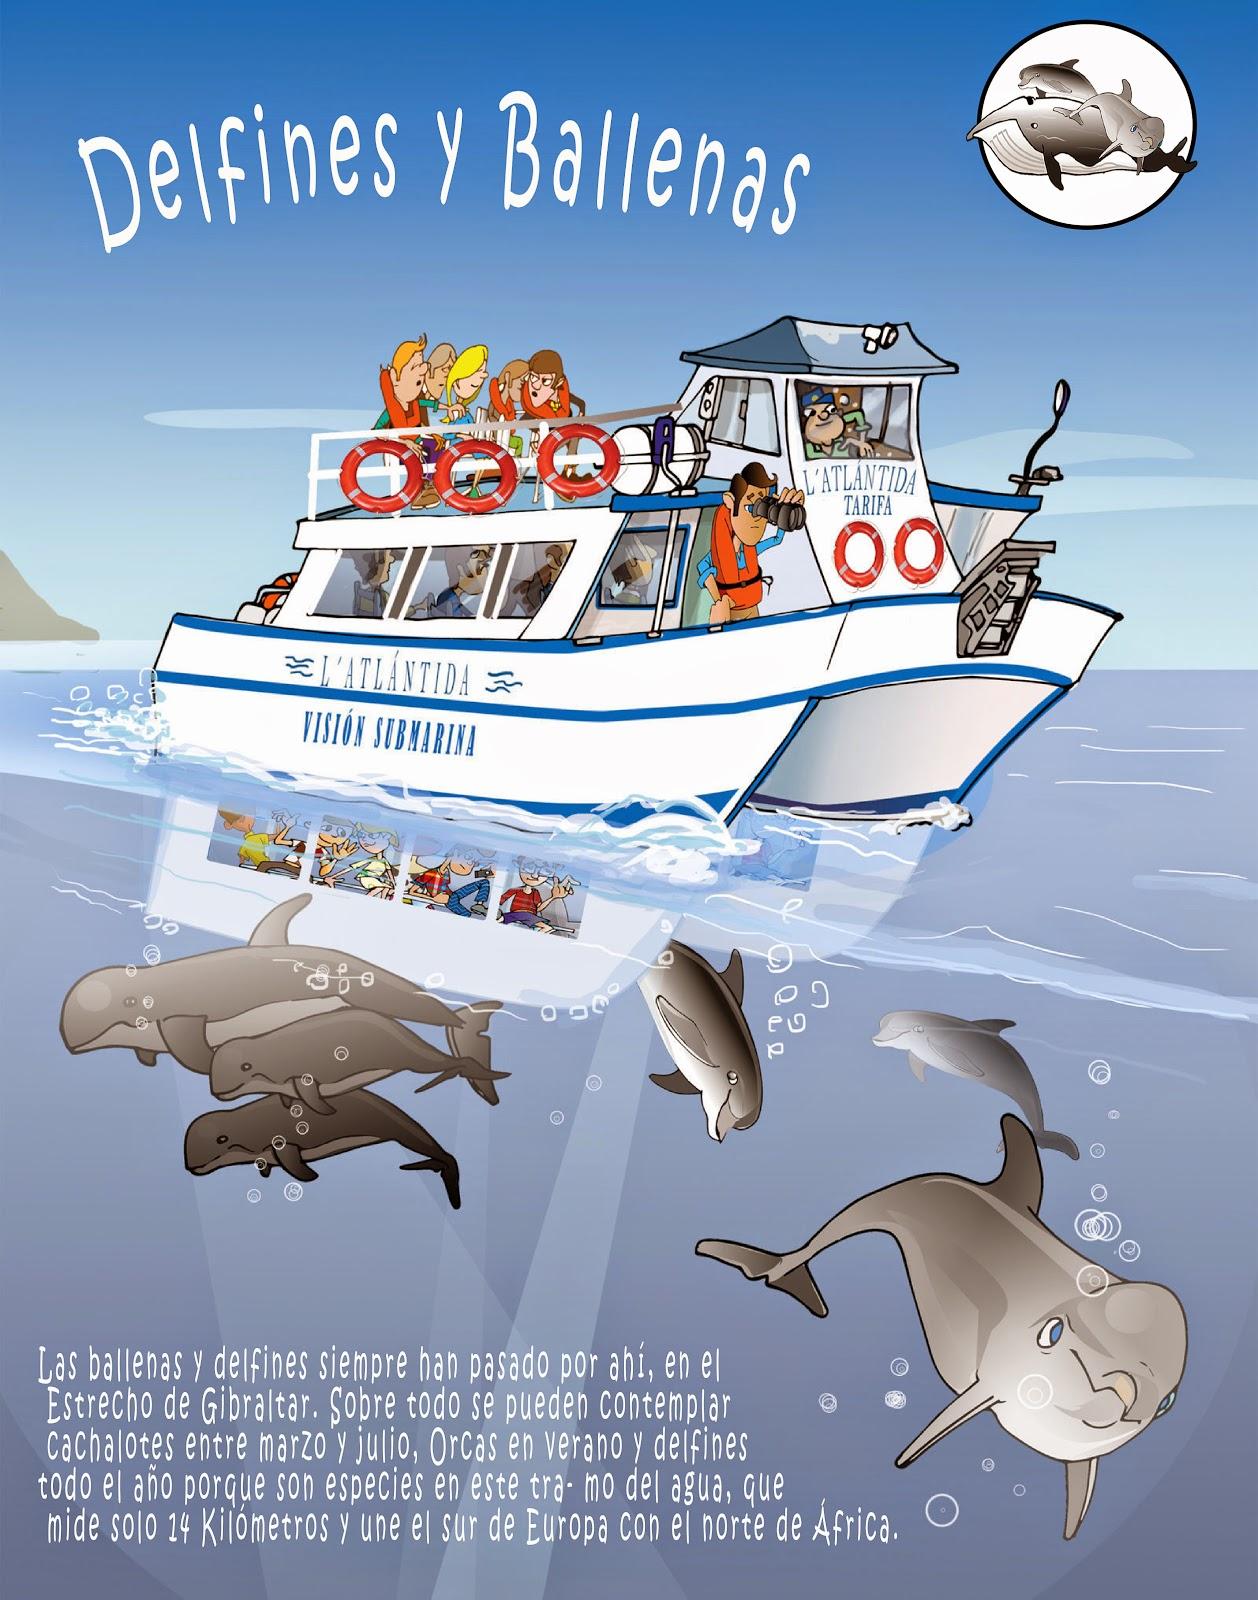 """<img src=""""Delfines y Ballenas.jpg"""" alt=""""Cetacéos en dibujo""""/>"""